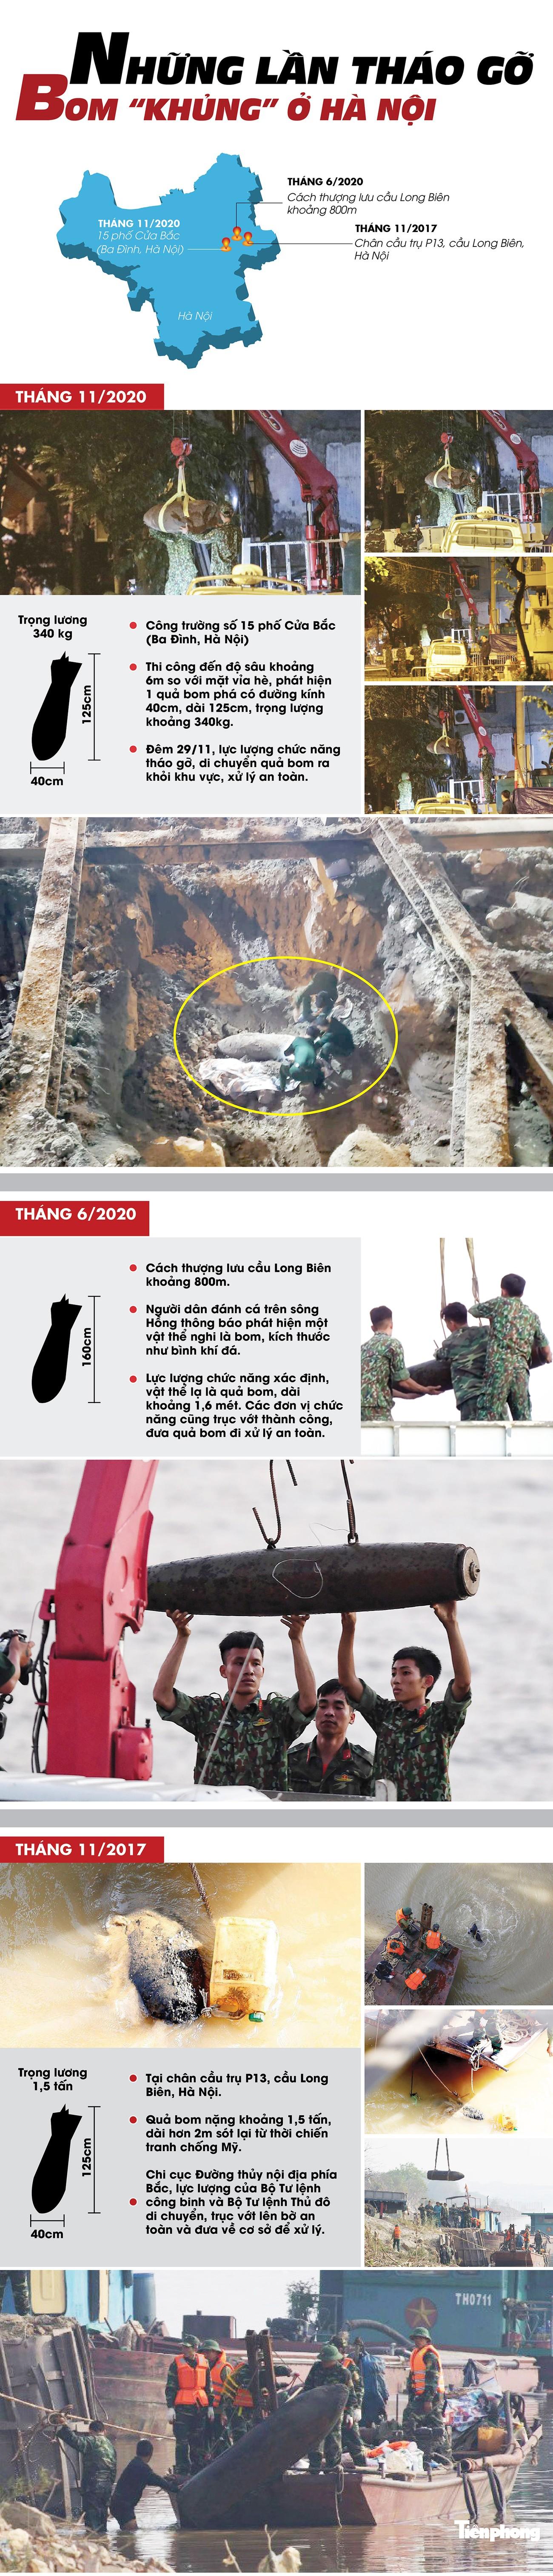 Ba lần tháo gỡ bom 'khủng' ở Hà Nội ảnh 1